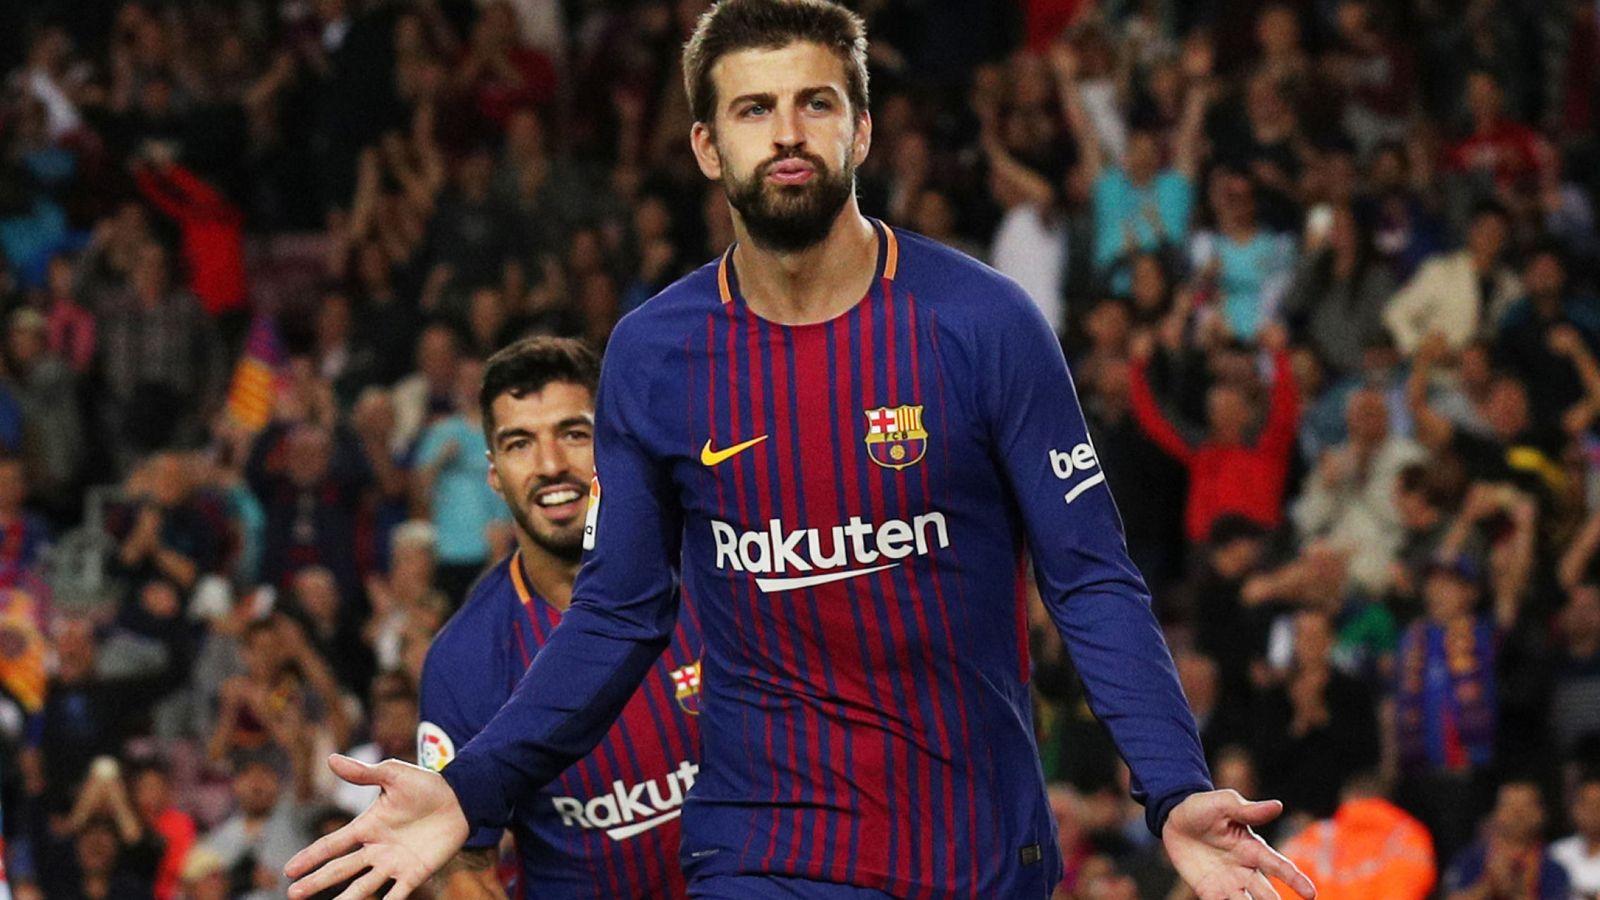 Foto: El FC Barcelona anunció este jueves la renovación de Piqué hasta 2022. (Reuters)